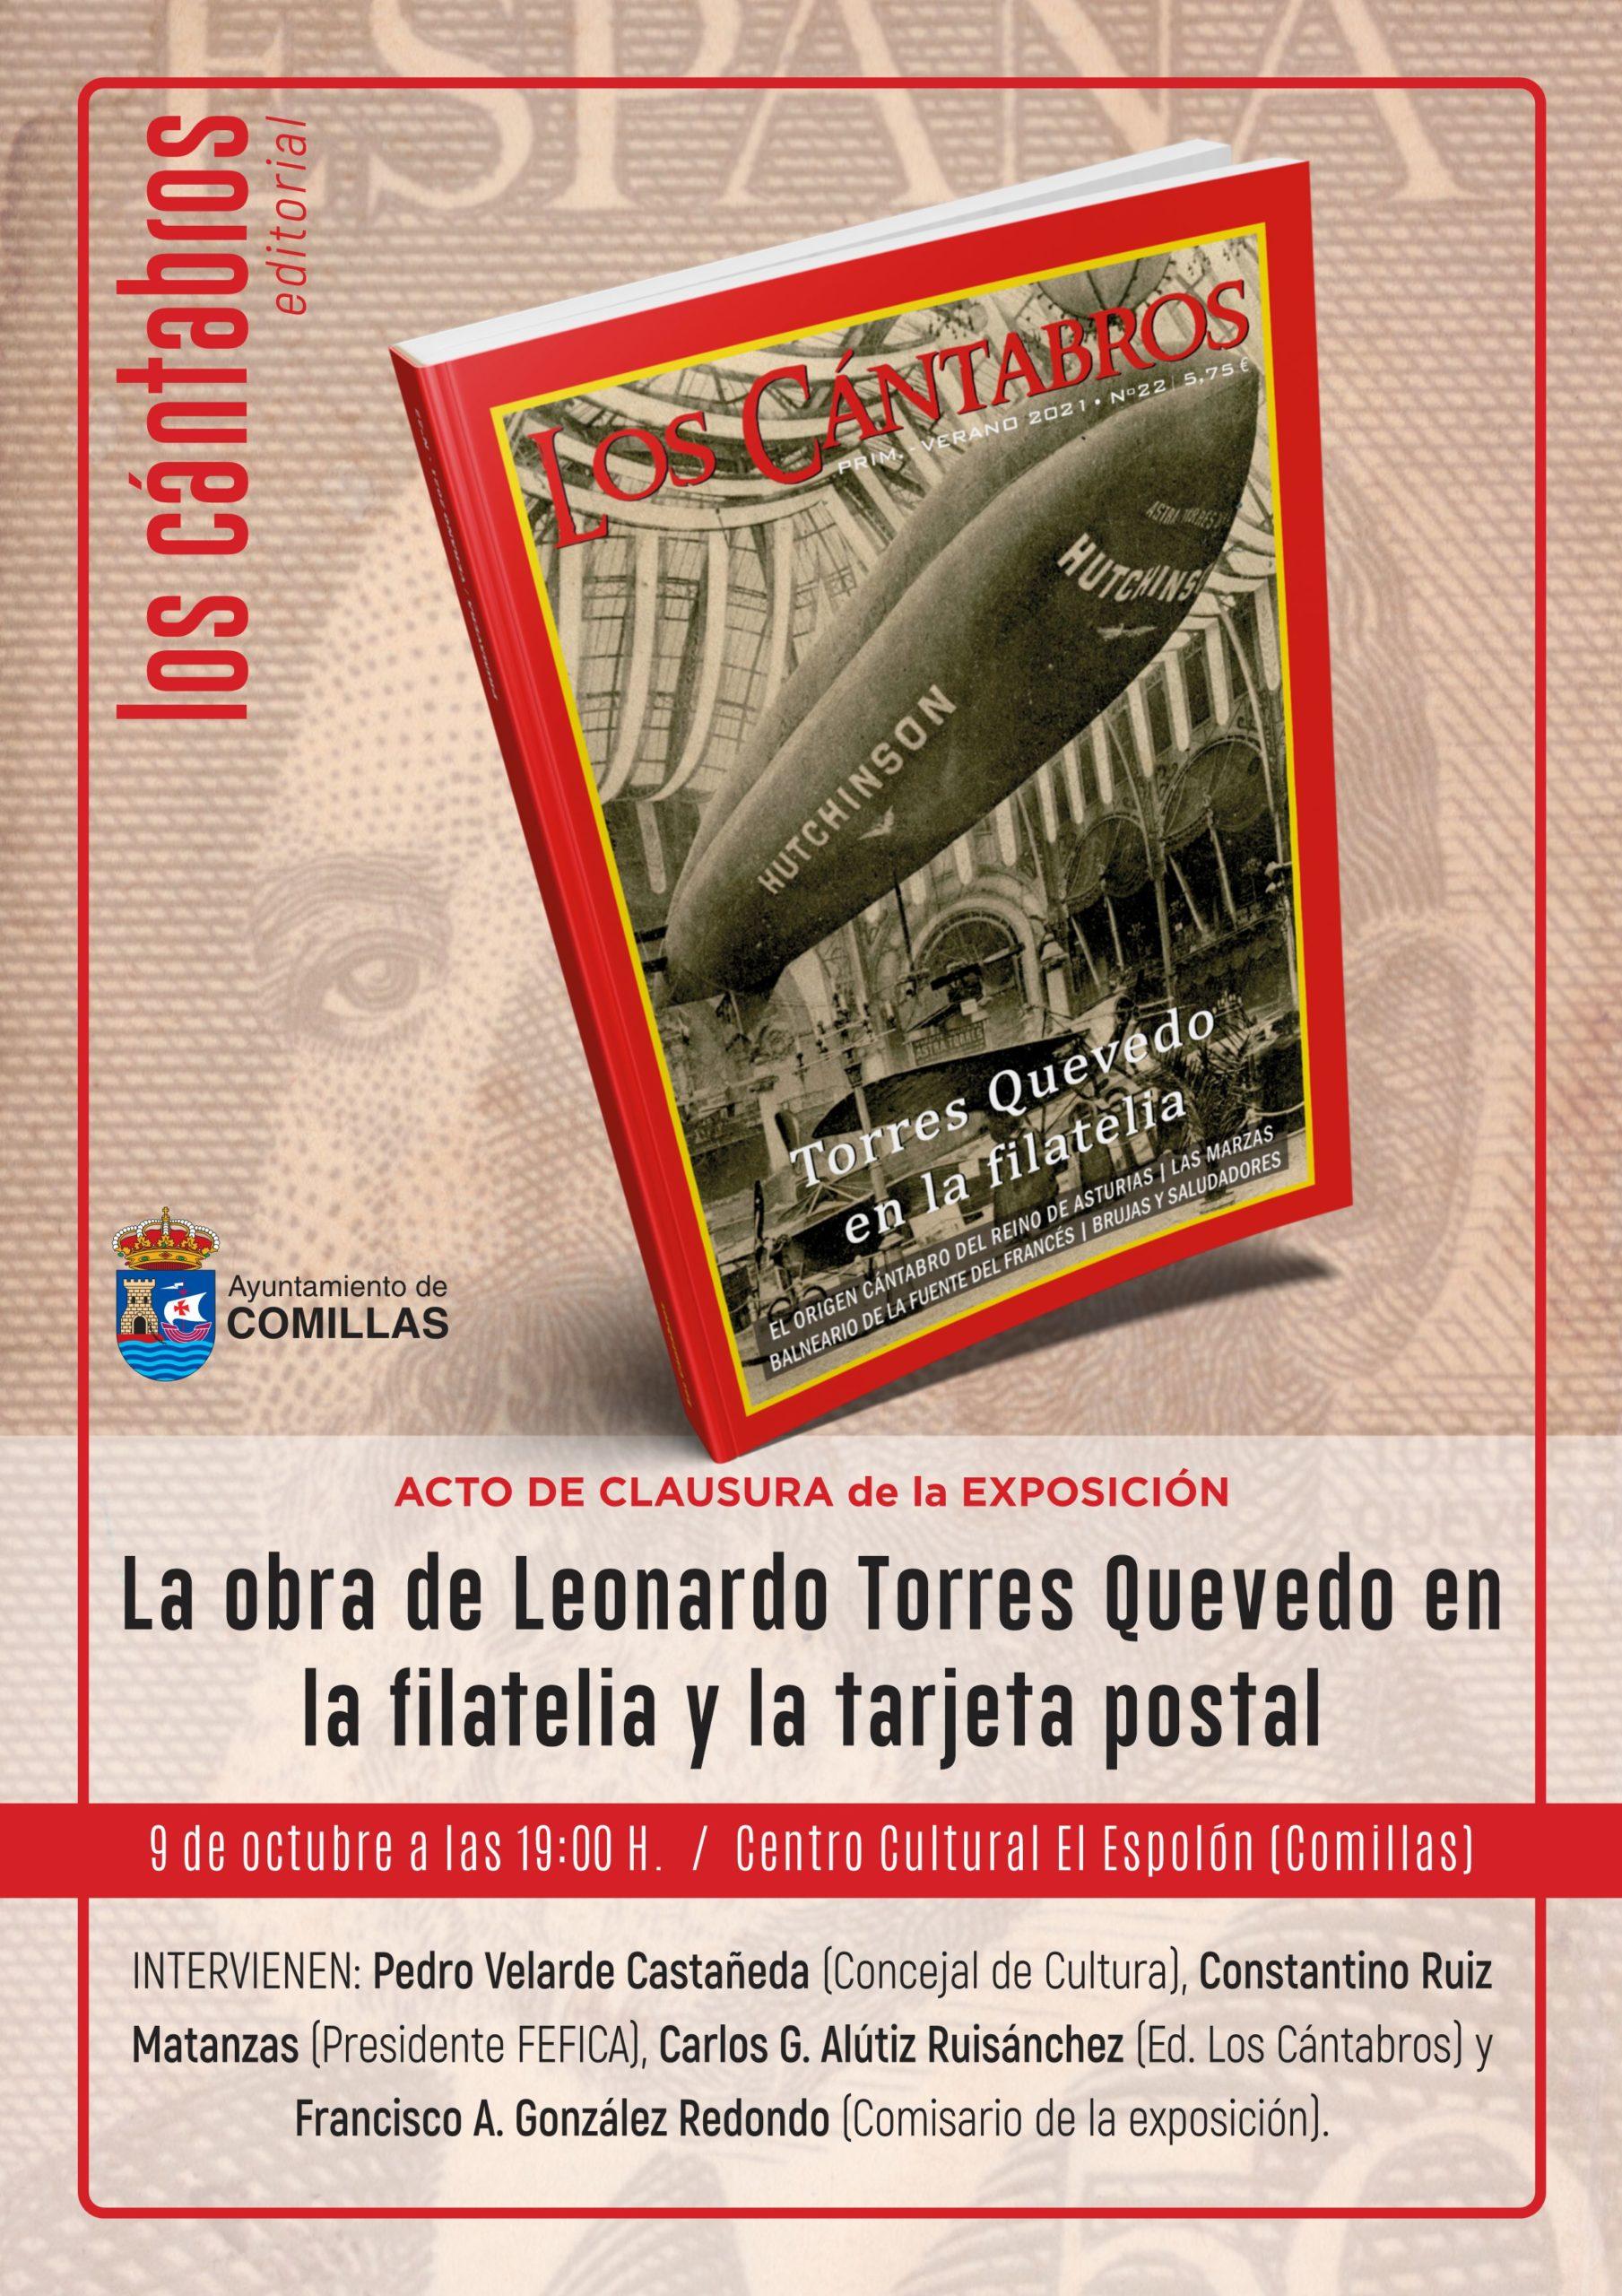 Clausura de la exposición LA OBRA DE LEONARDO TORRES QUEVEDO EN LA FILATELIA Y LA TARJETA POSTAL